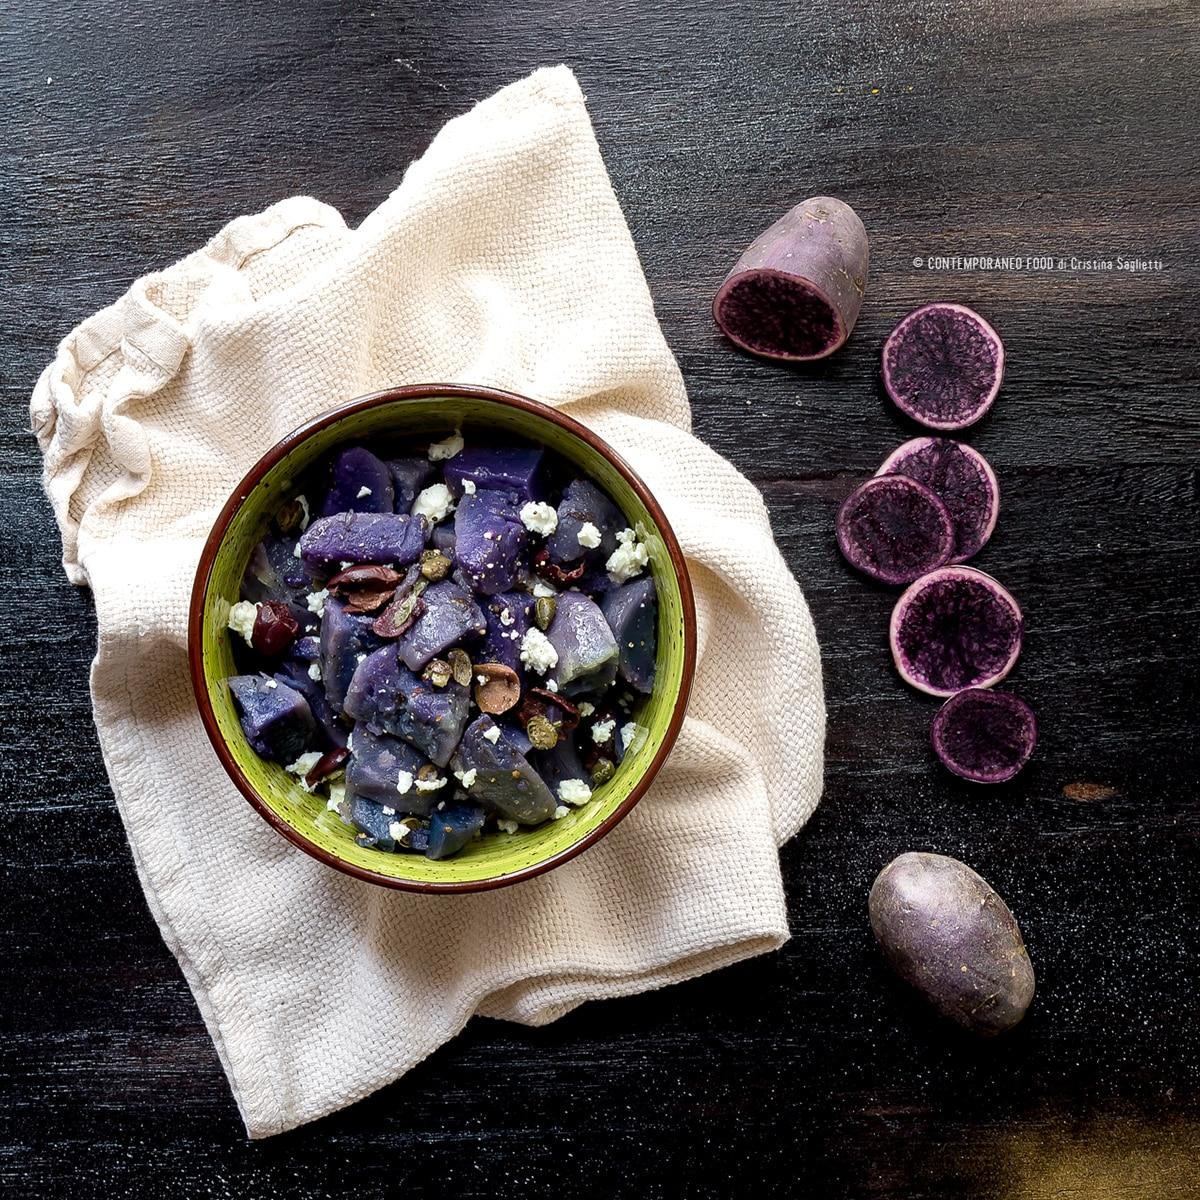 ricette-last-minute-insalata-di-patate-viola-con-capperi-olive-taggiasche-feta-superfood-ricetta-1-contemporaneo-food